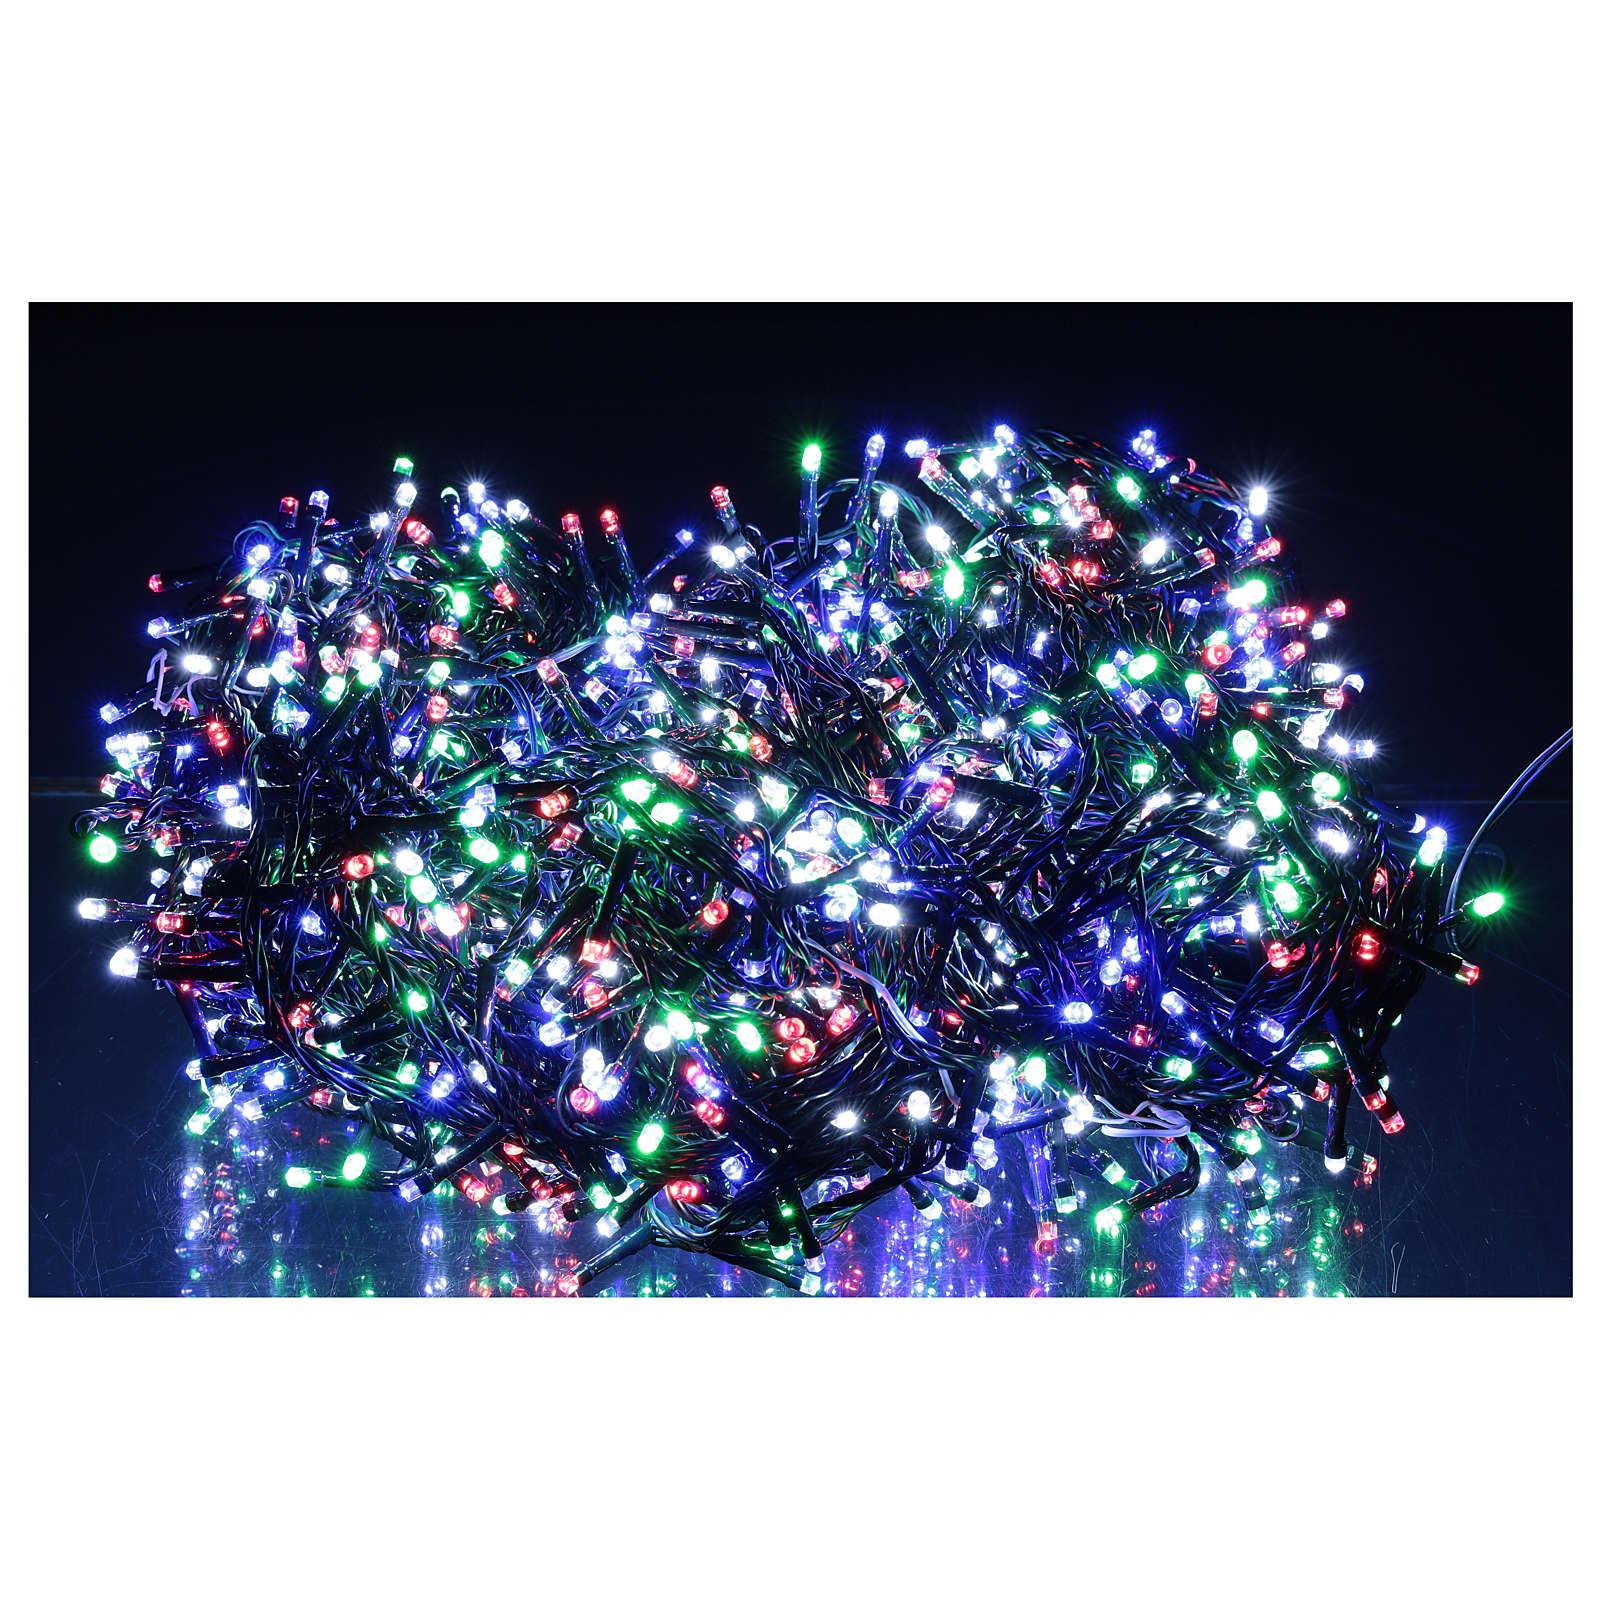 Cadena luminosa 1500 led multicolor juegos luz programable corriente 220V 3